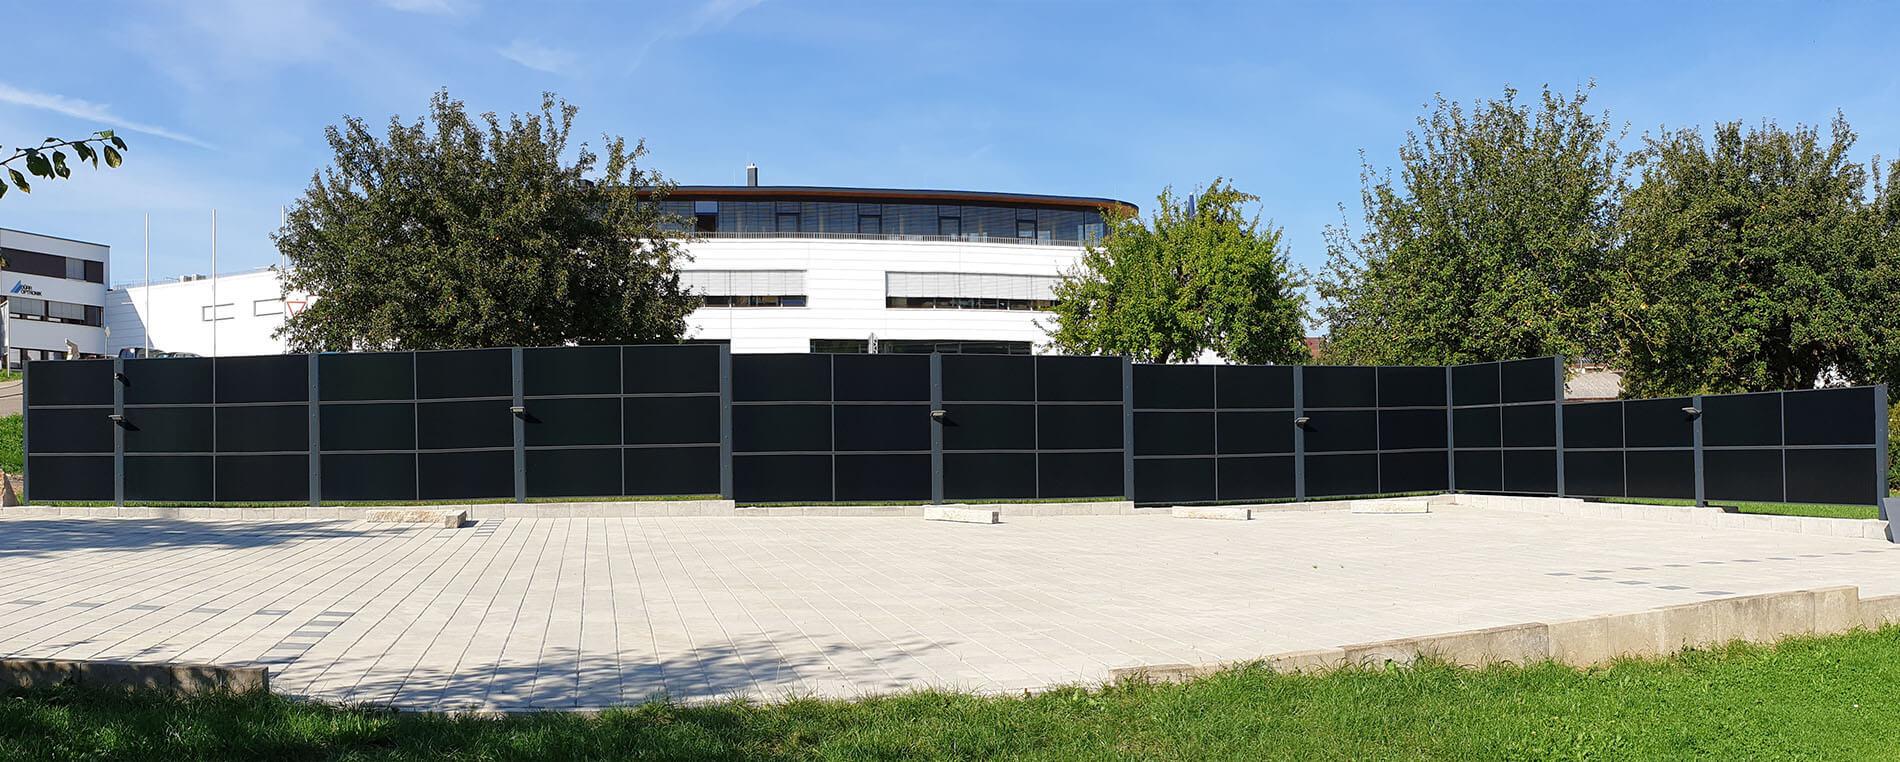 SolarZaun Referenz am Gewerbepark